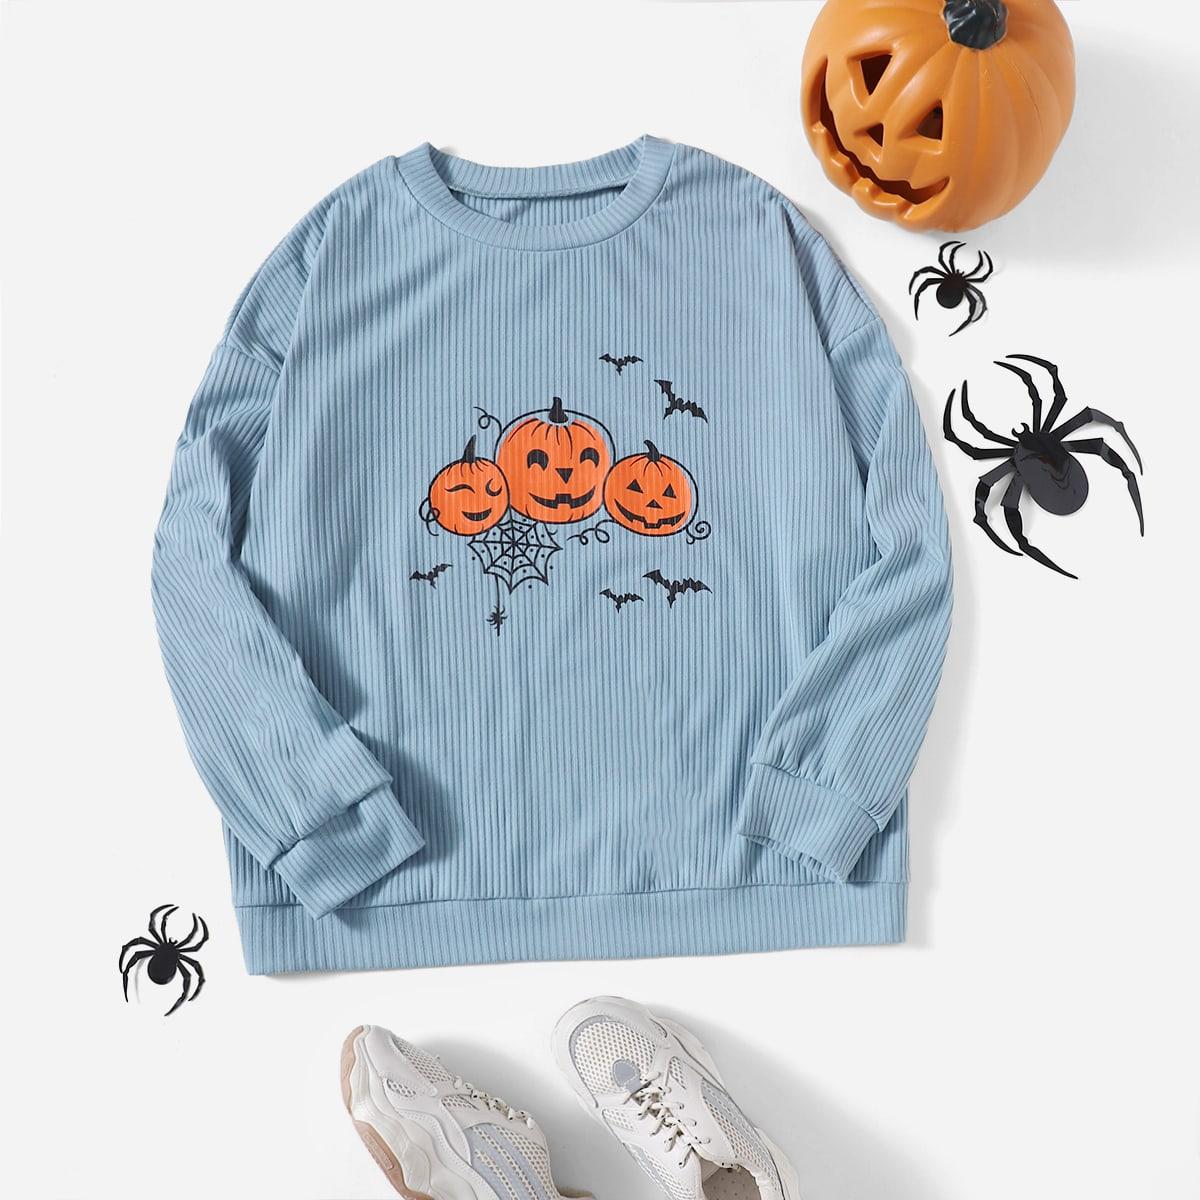 трикотажный Животный Хэллоуин Повседневный Свитшоты размер плюс